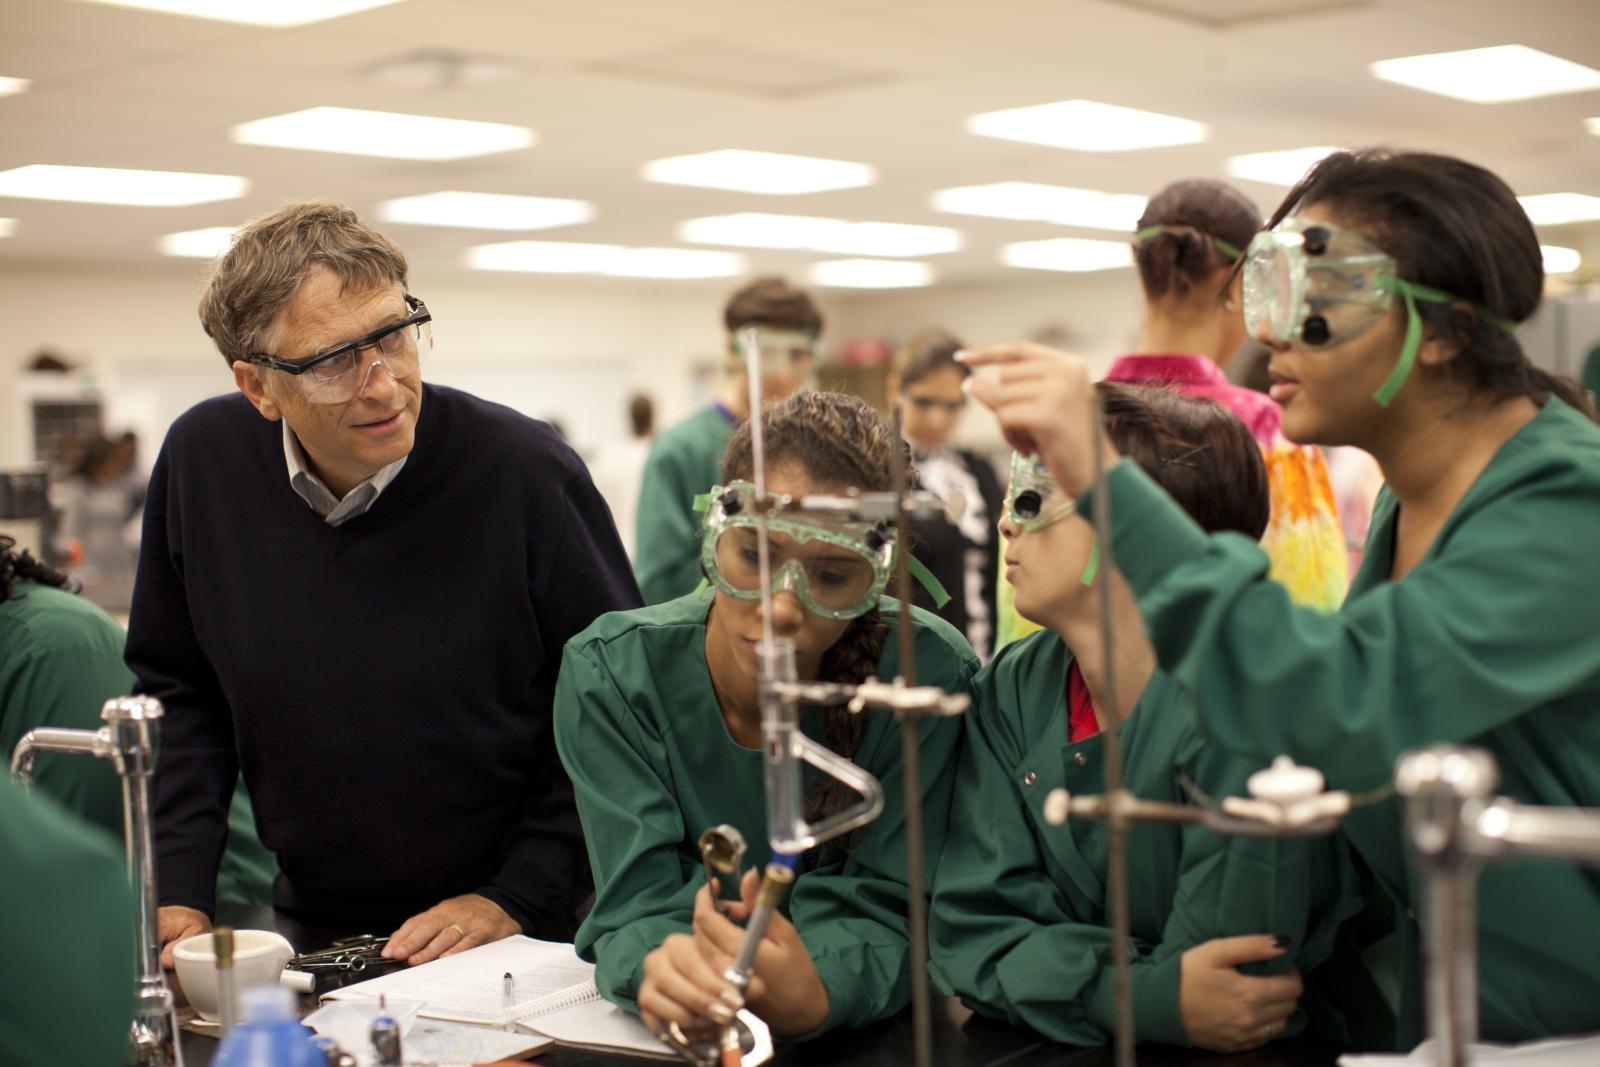 Фонд Билла иМелинды Гейтс занимается поддержкой иулучшением системы здравоохранения, атакже работой по борьбе сголодом вбедных странах. Помимо прочего, организация финансирует научные исследования.